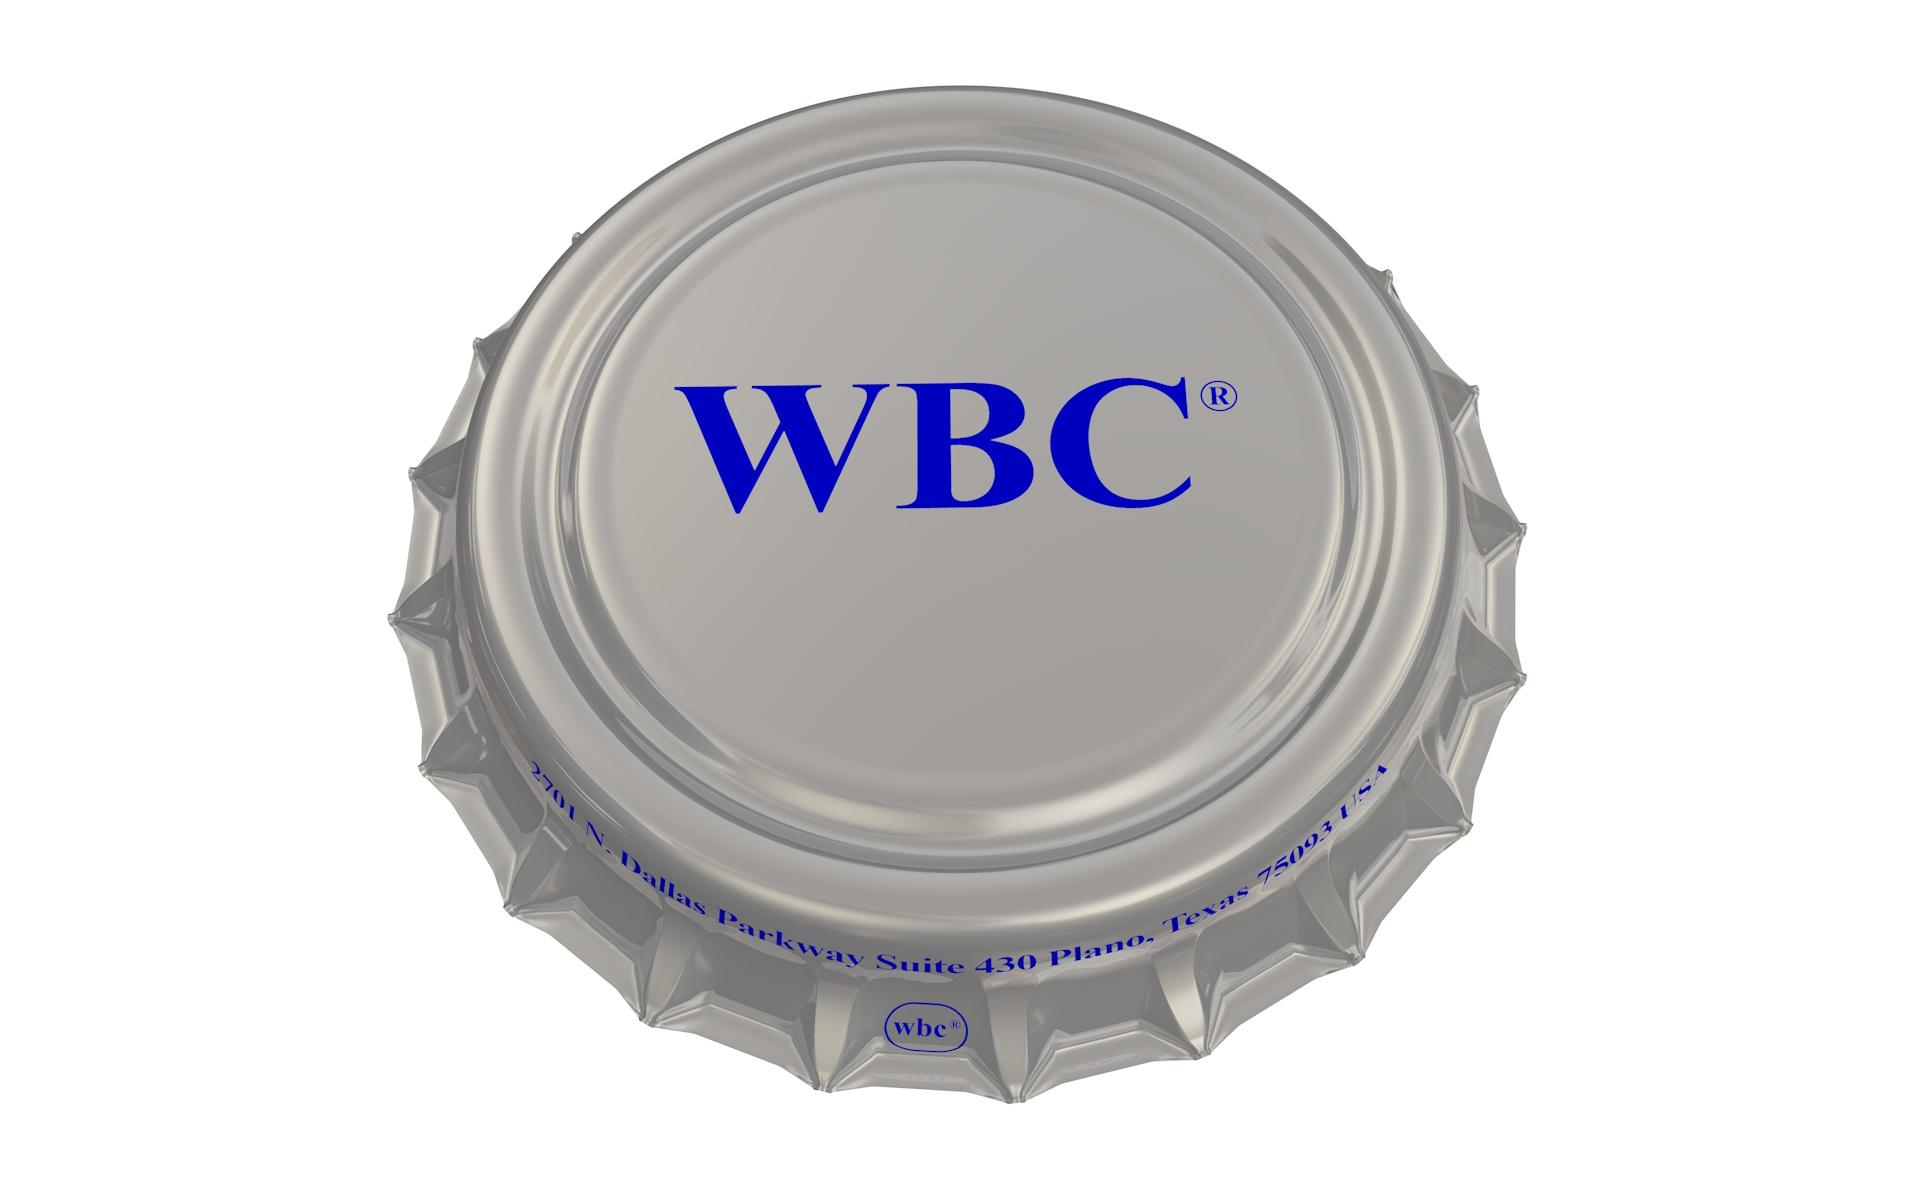 rgc-wbc-004_0000